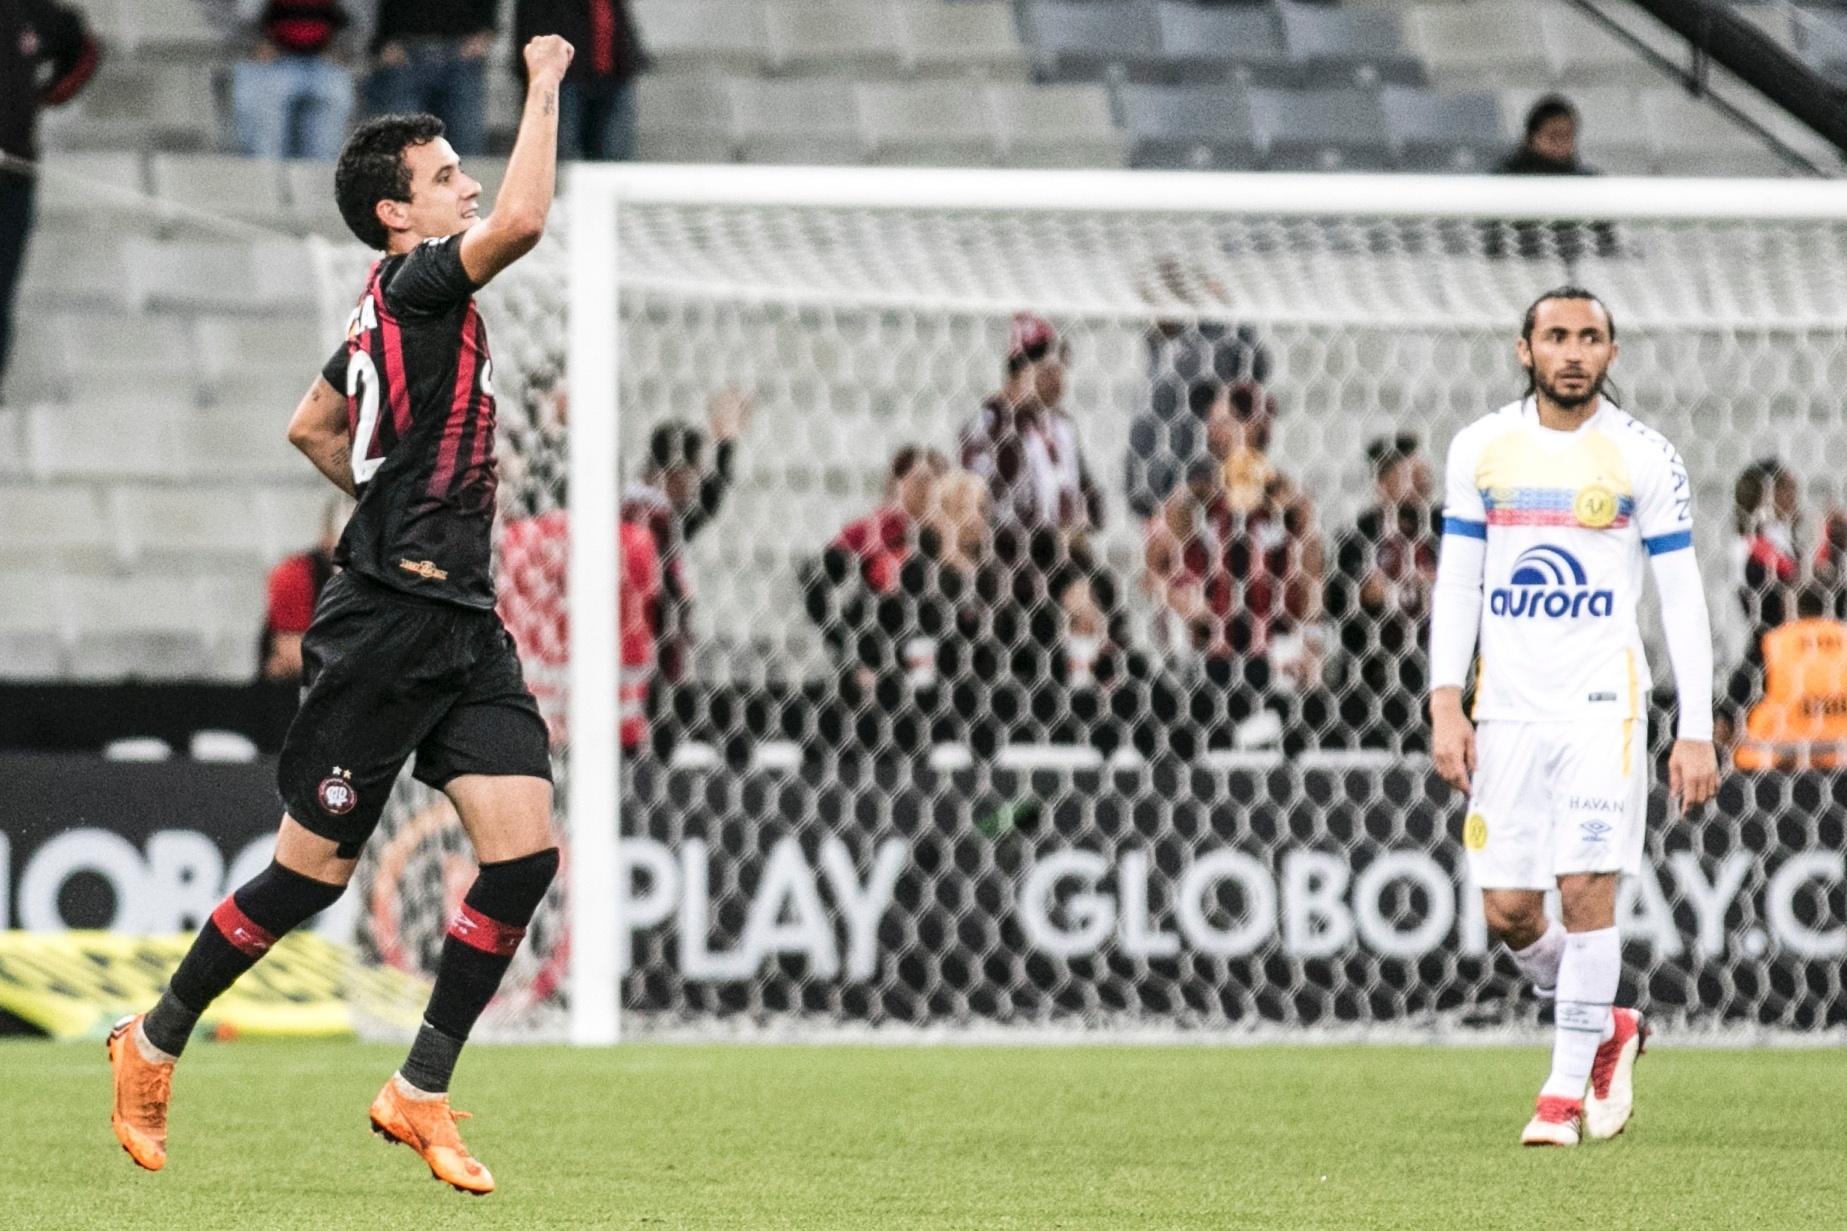 Pablo comemora o gol do Atlético-PR contra a Chapecoense